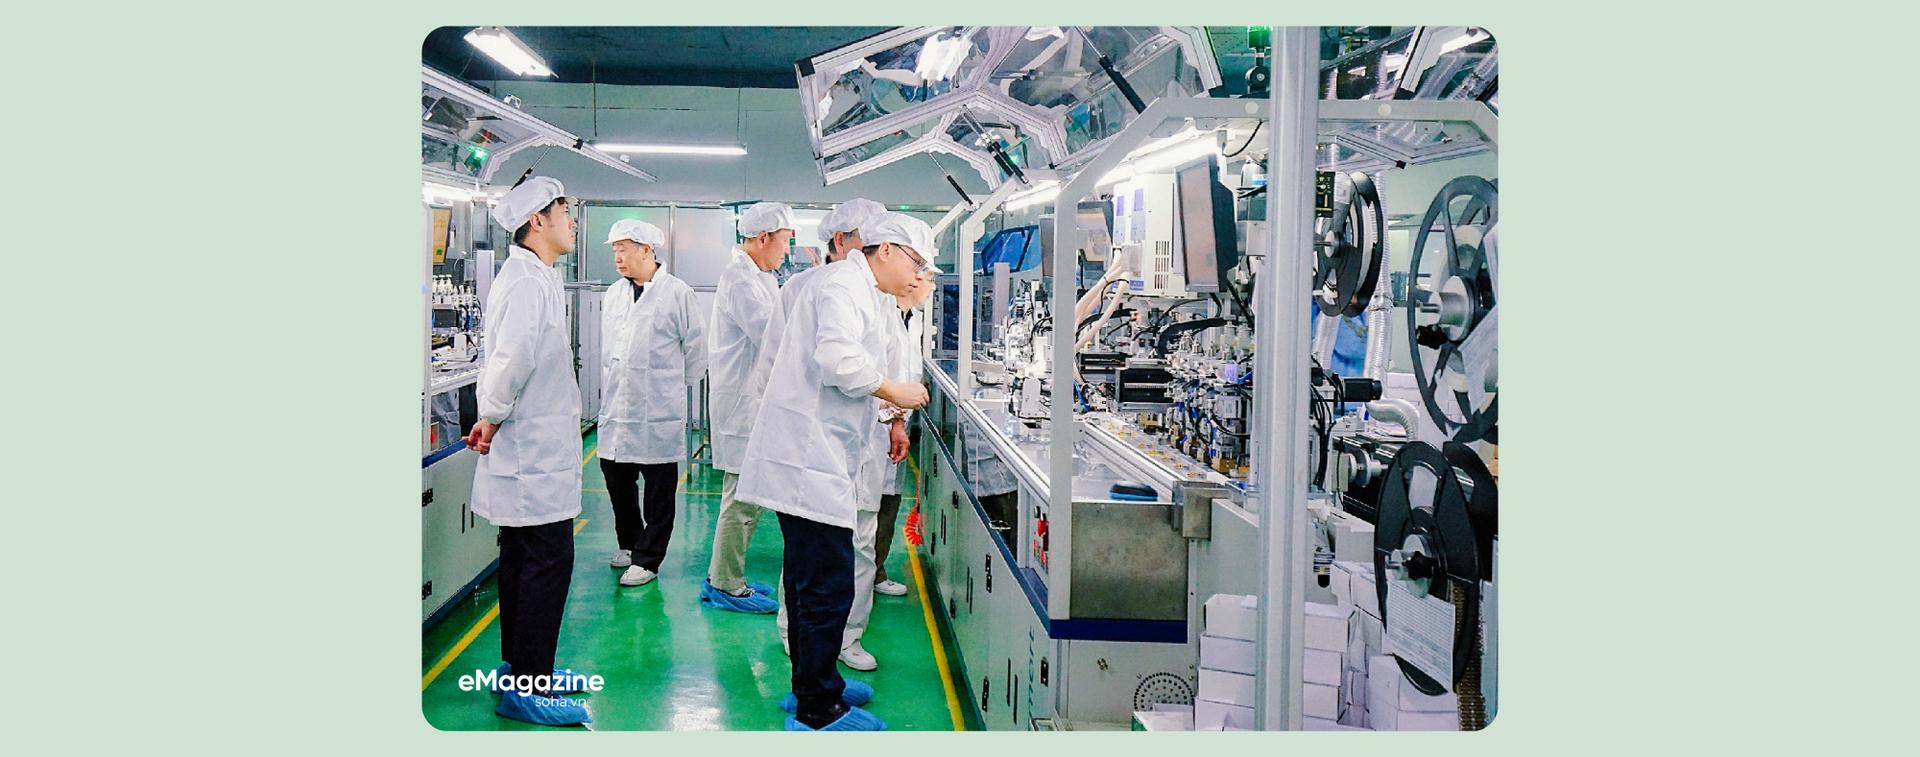 18 năm vật vã của Chủ tịch MK Group và chiếc thẻ CCCD Việt Nam giá rẻ bằng 1/2 Nhật Bản - Ảnh 9.